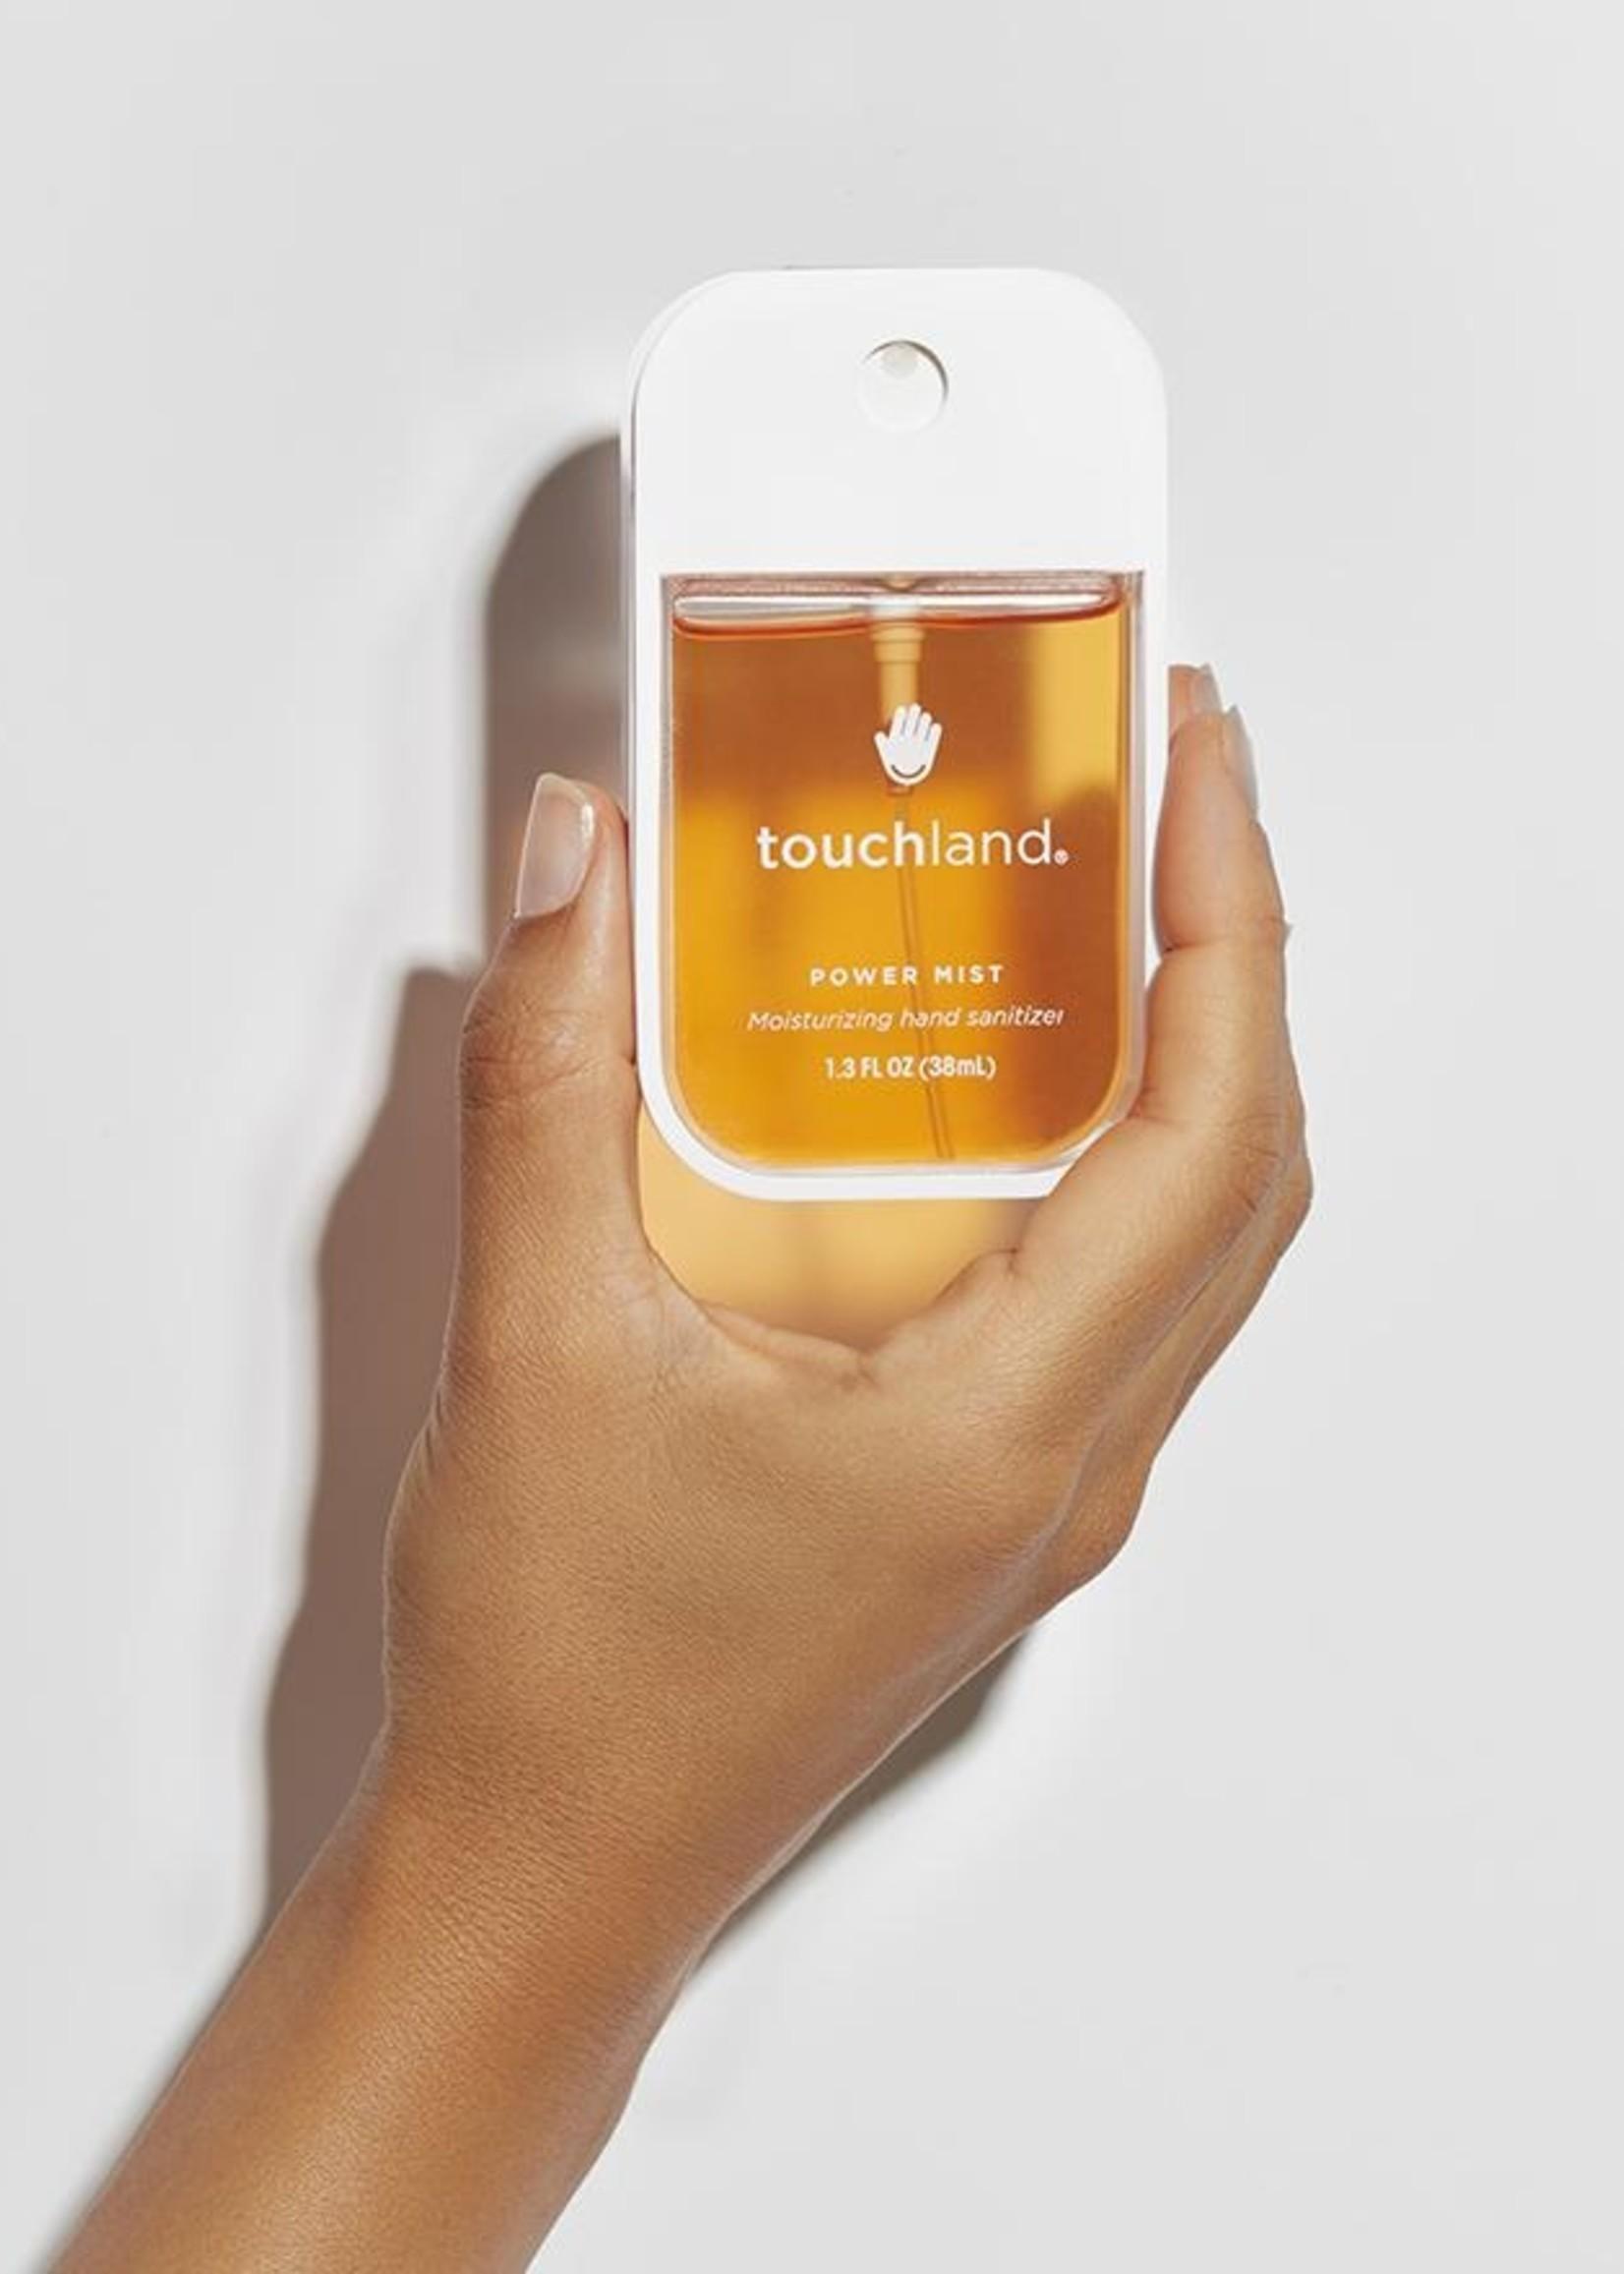 Touchland Power Mist Hand Sanitizer